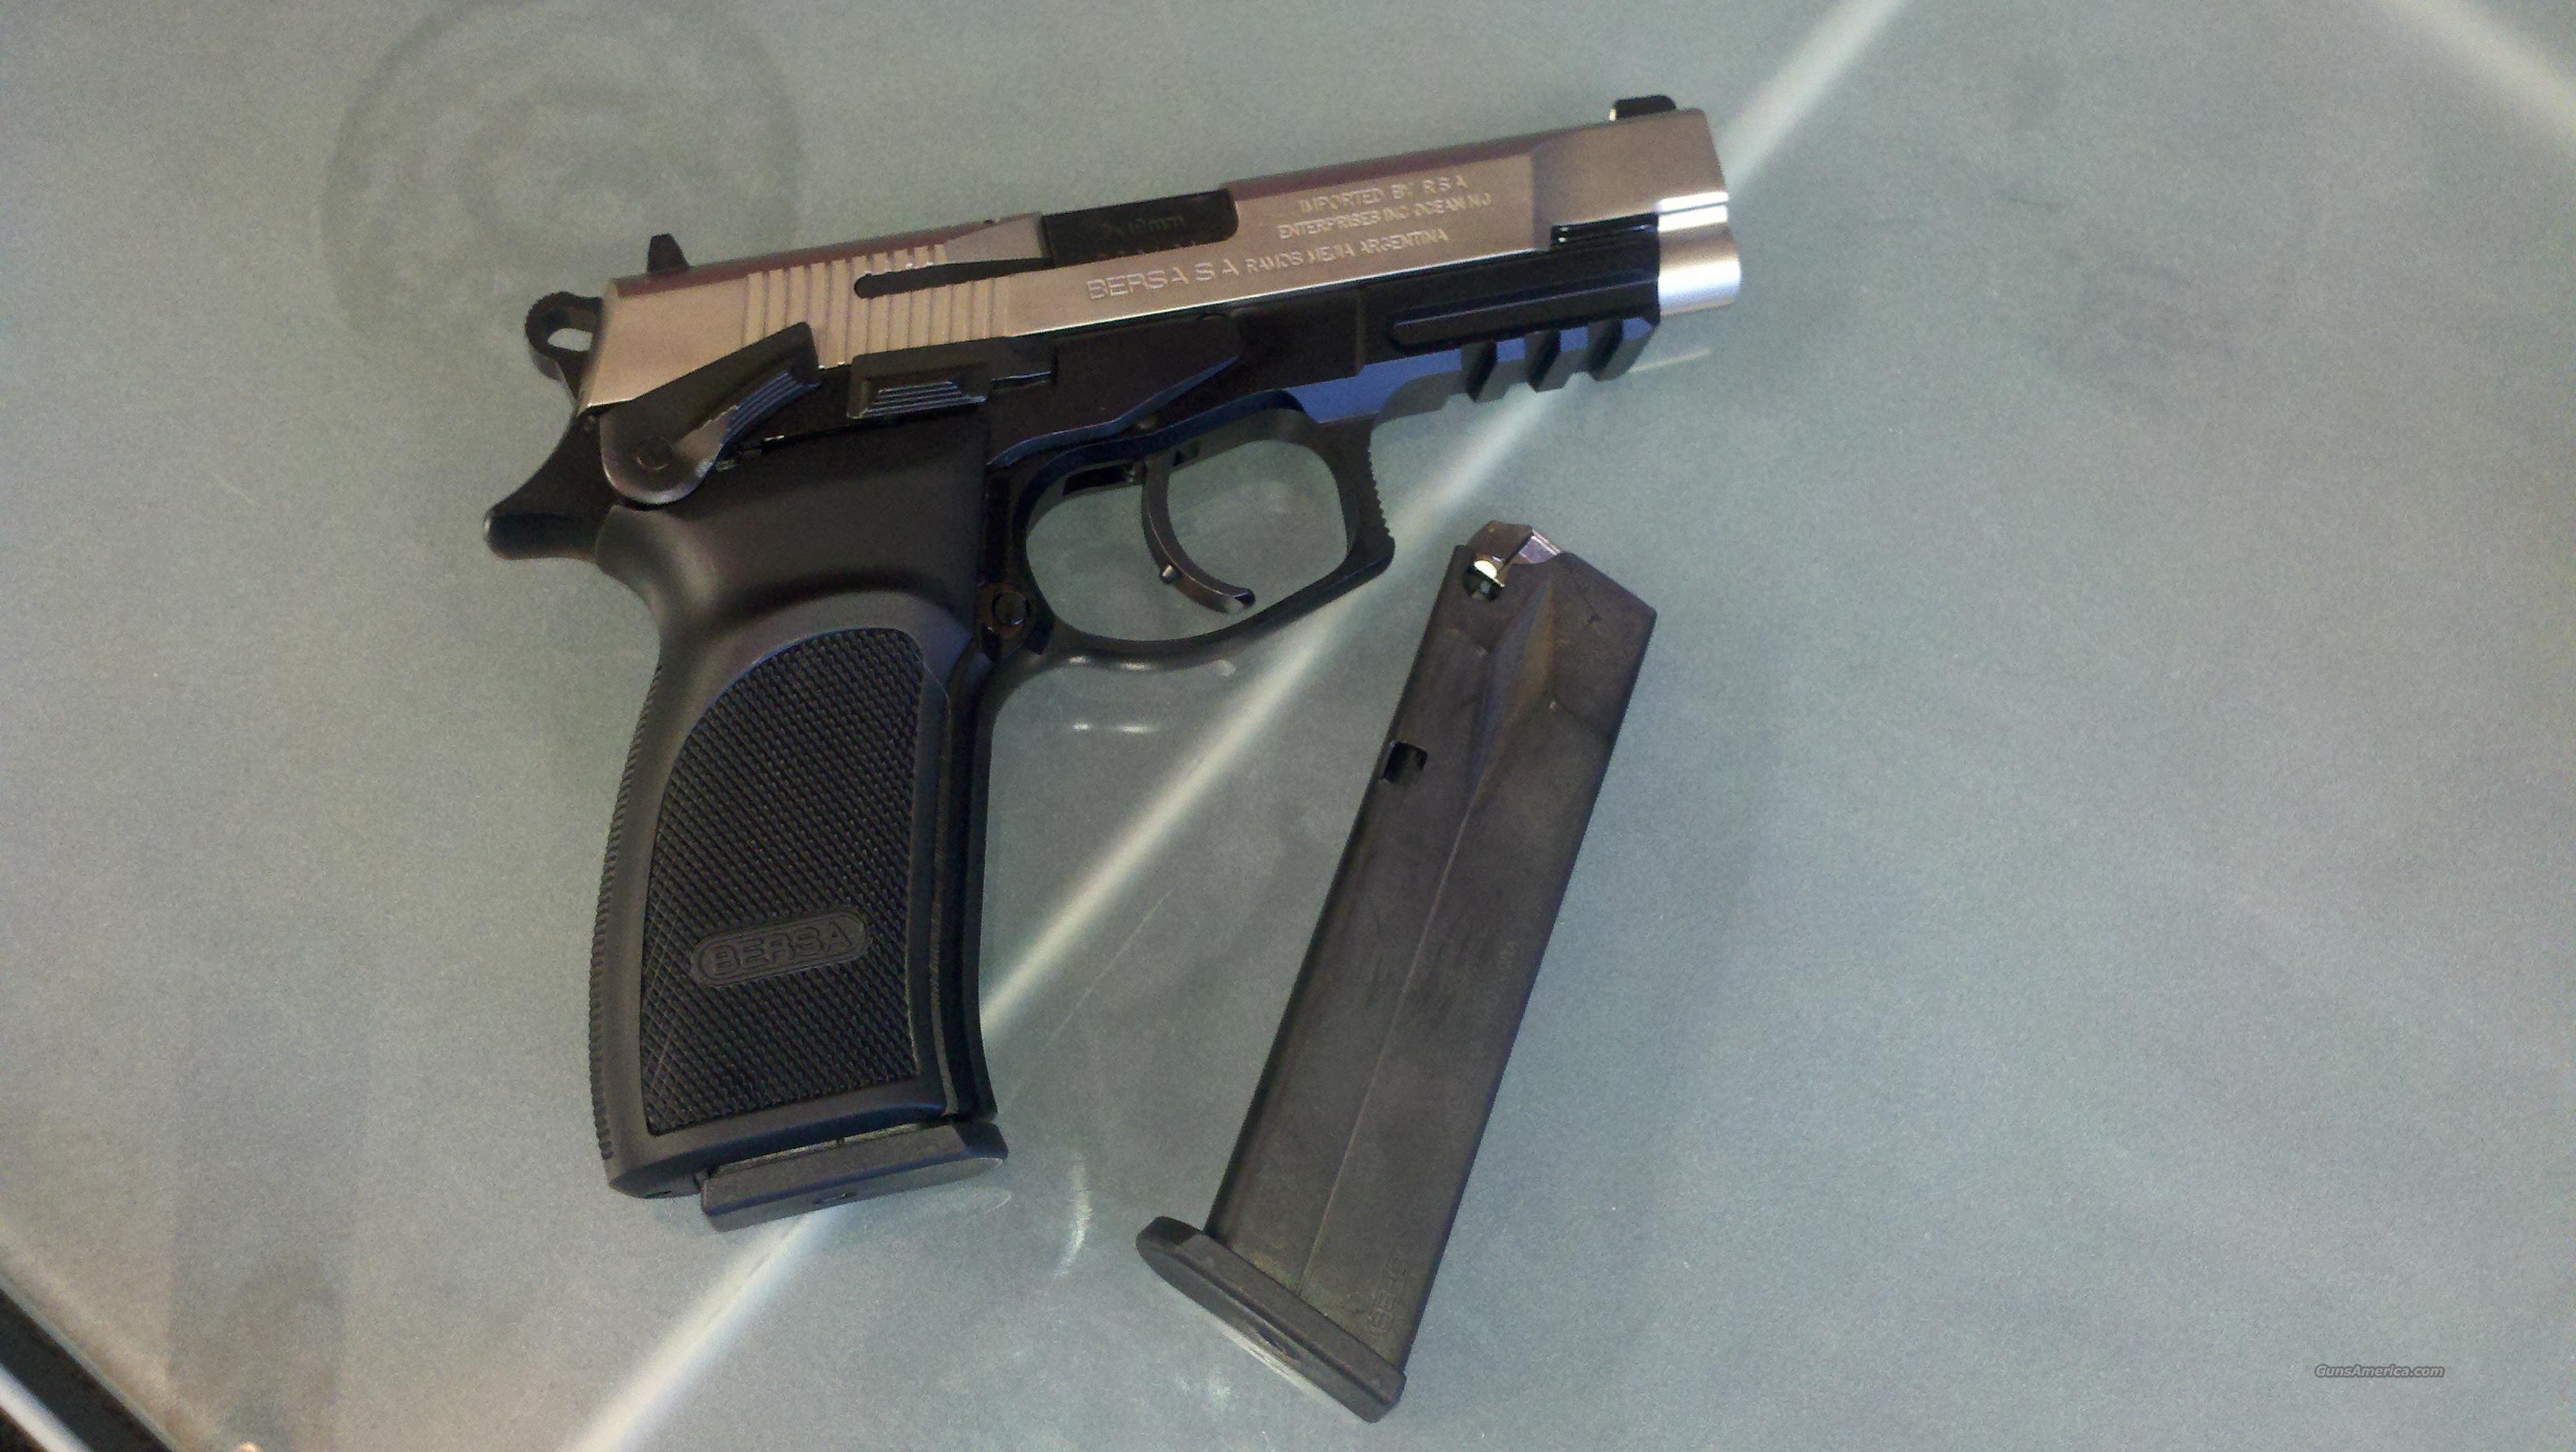 BERSA THUNDER 9 PRO DUO-TONE HIGH CAPACITY 9MM NEW  Guns > Pistols > Bersa Pistols